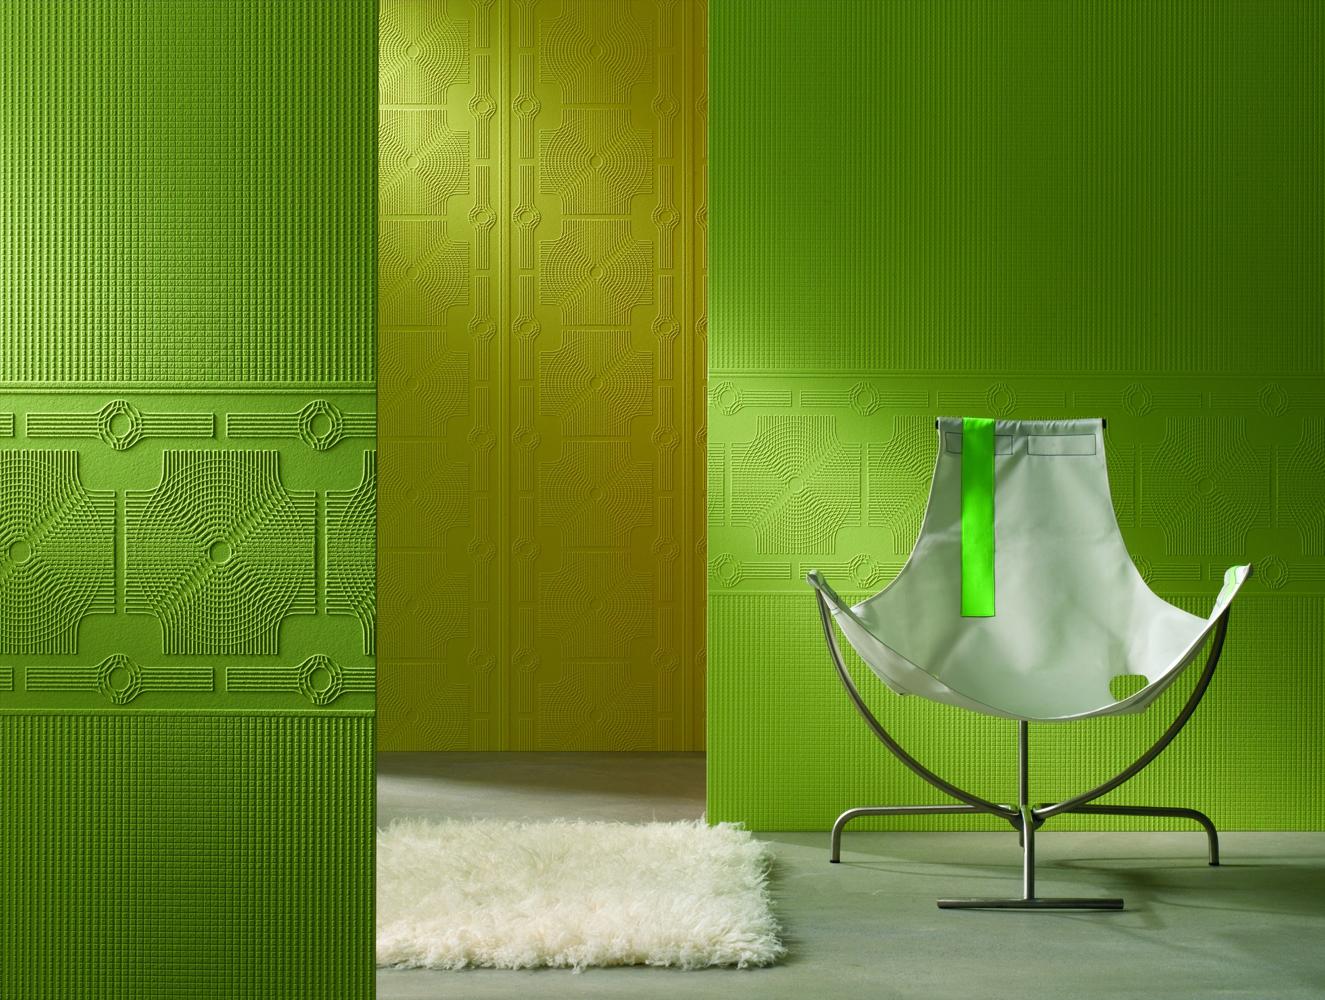 Фото зеленых стеклообоев